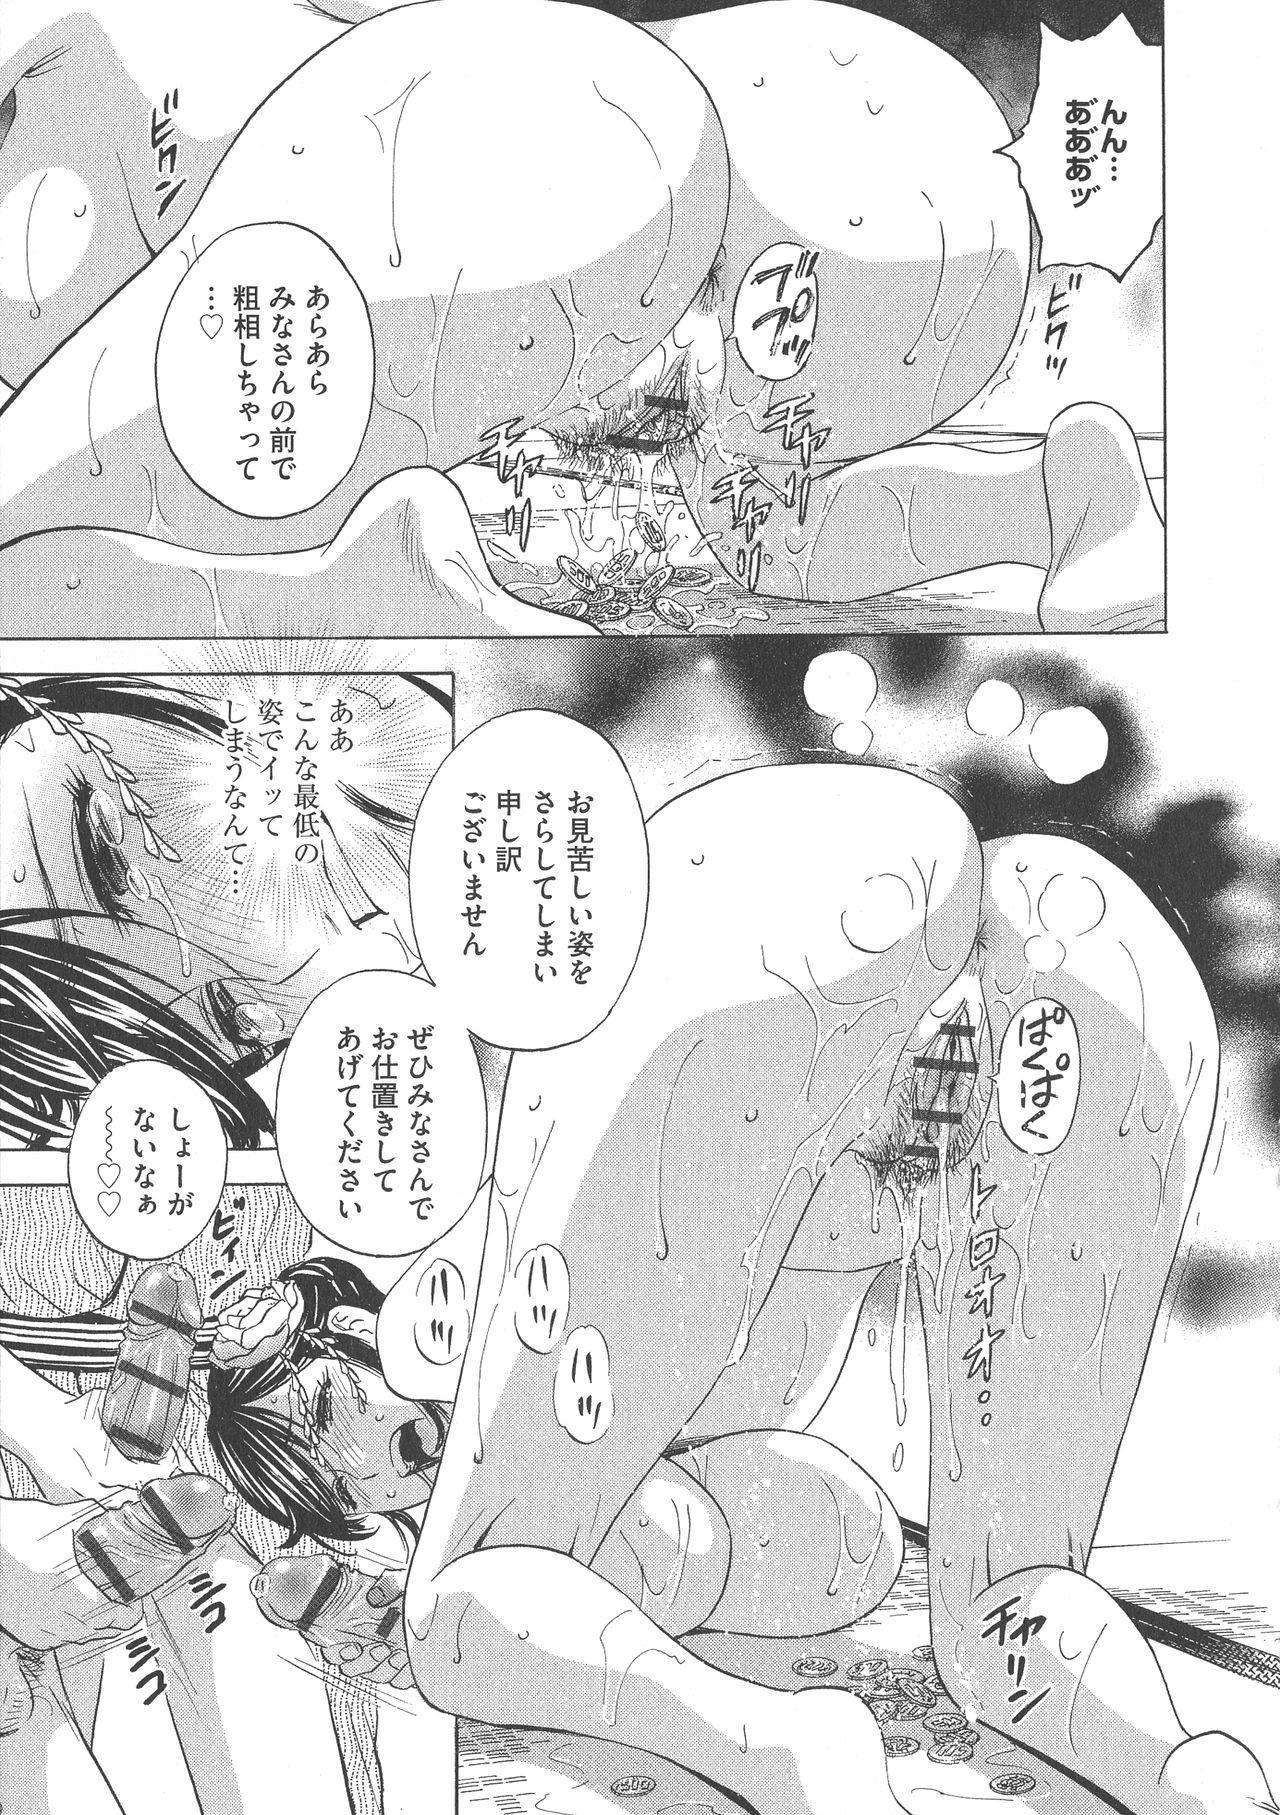 Chijoku ni Modaeru Haha no Chichi… 30